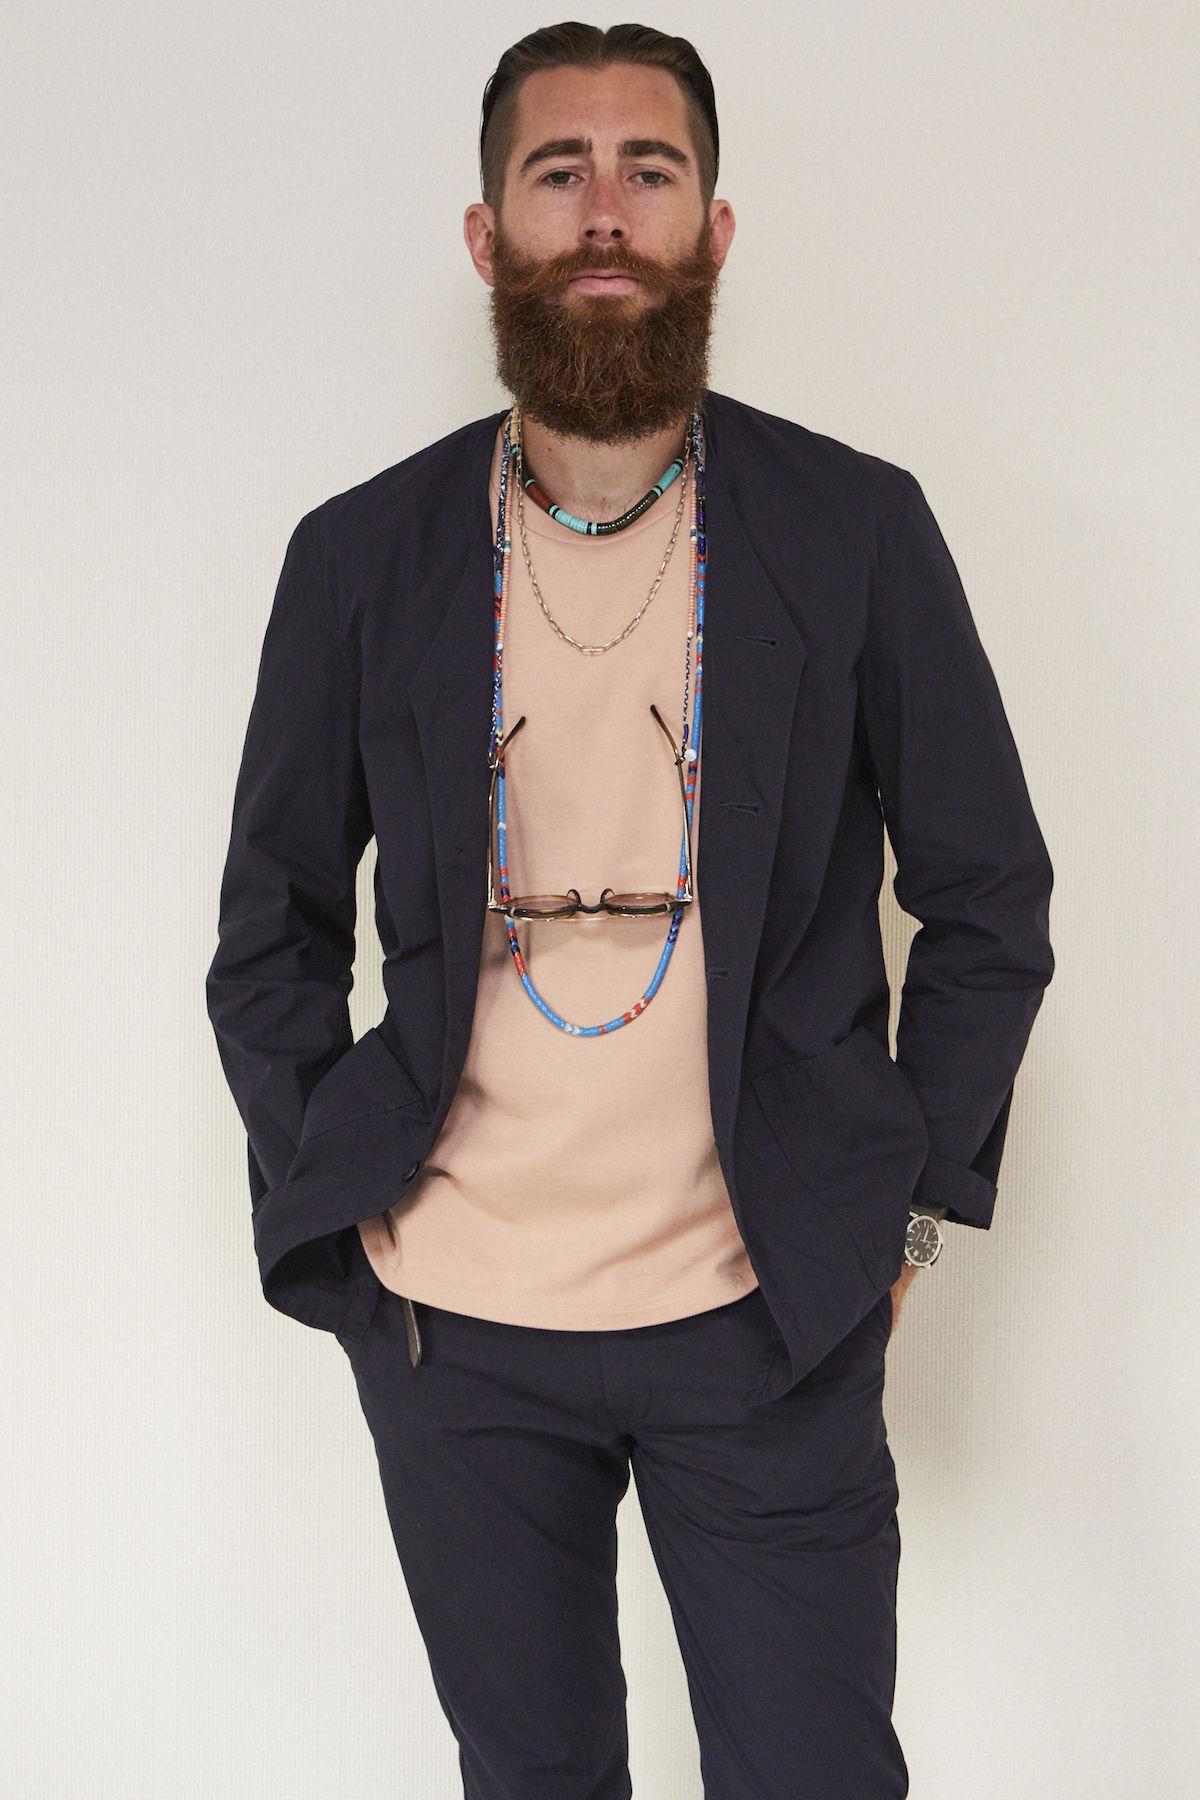 【ルック】ストリートとモード、ビジネスを横断。ブランド「BLANCK」を知ってる?ナノ・ユニバースでポップアップも! fashion180309_blanck5-1200x1800